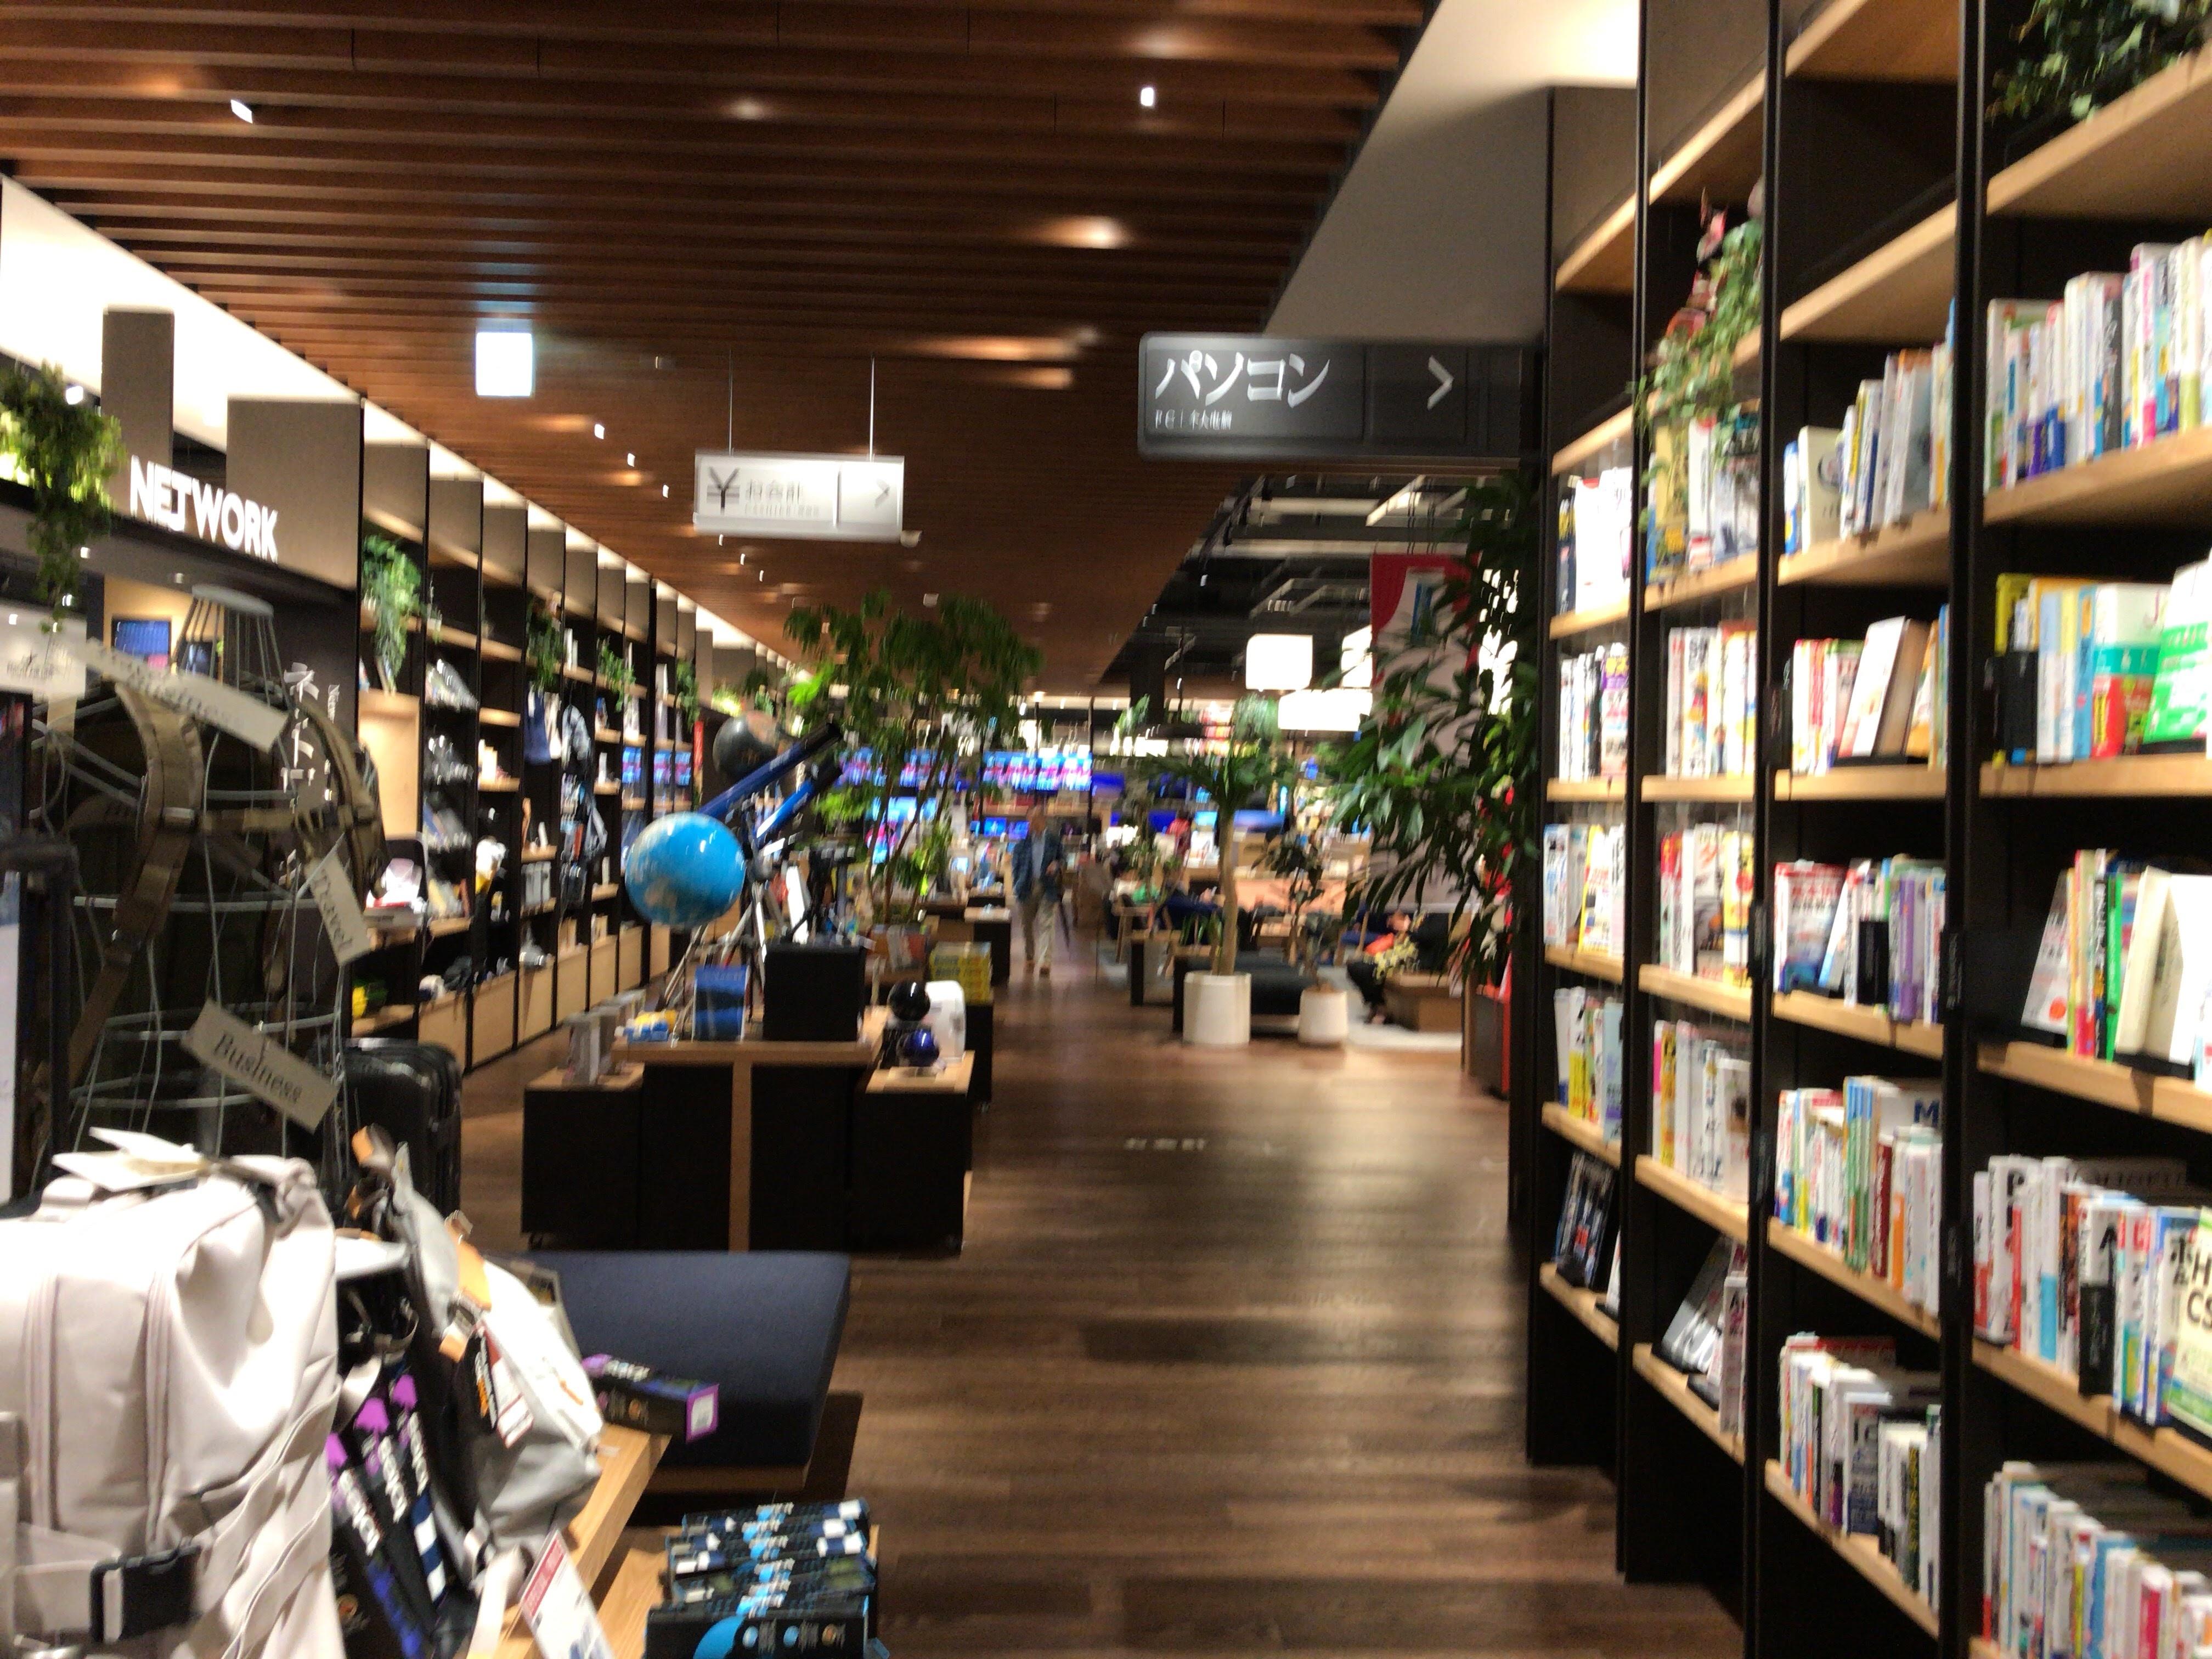 蔦屋書店の光景